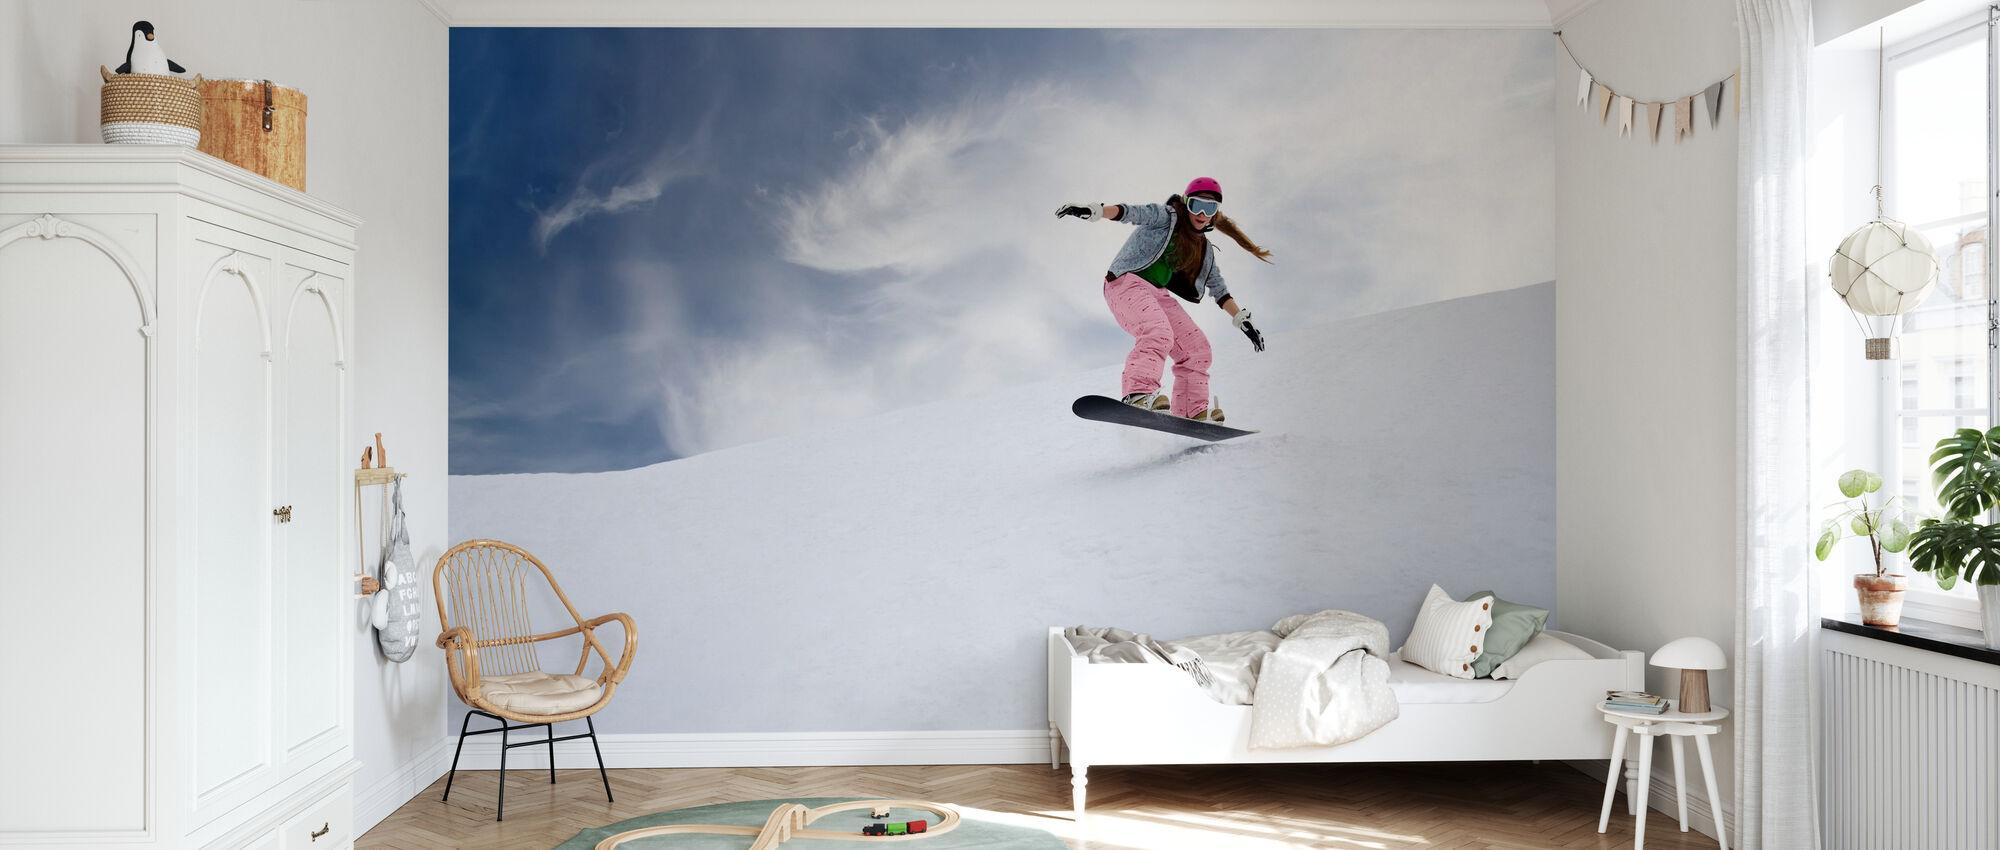 snowboard rytter - Tapet - Barnerom